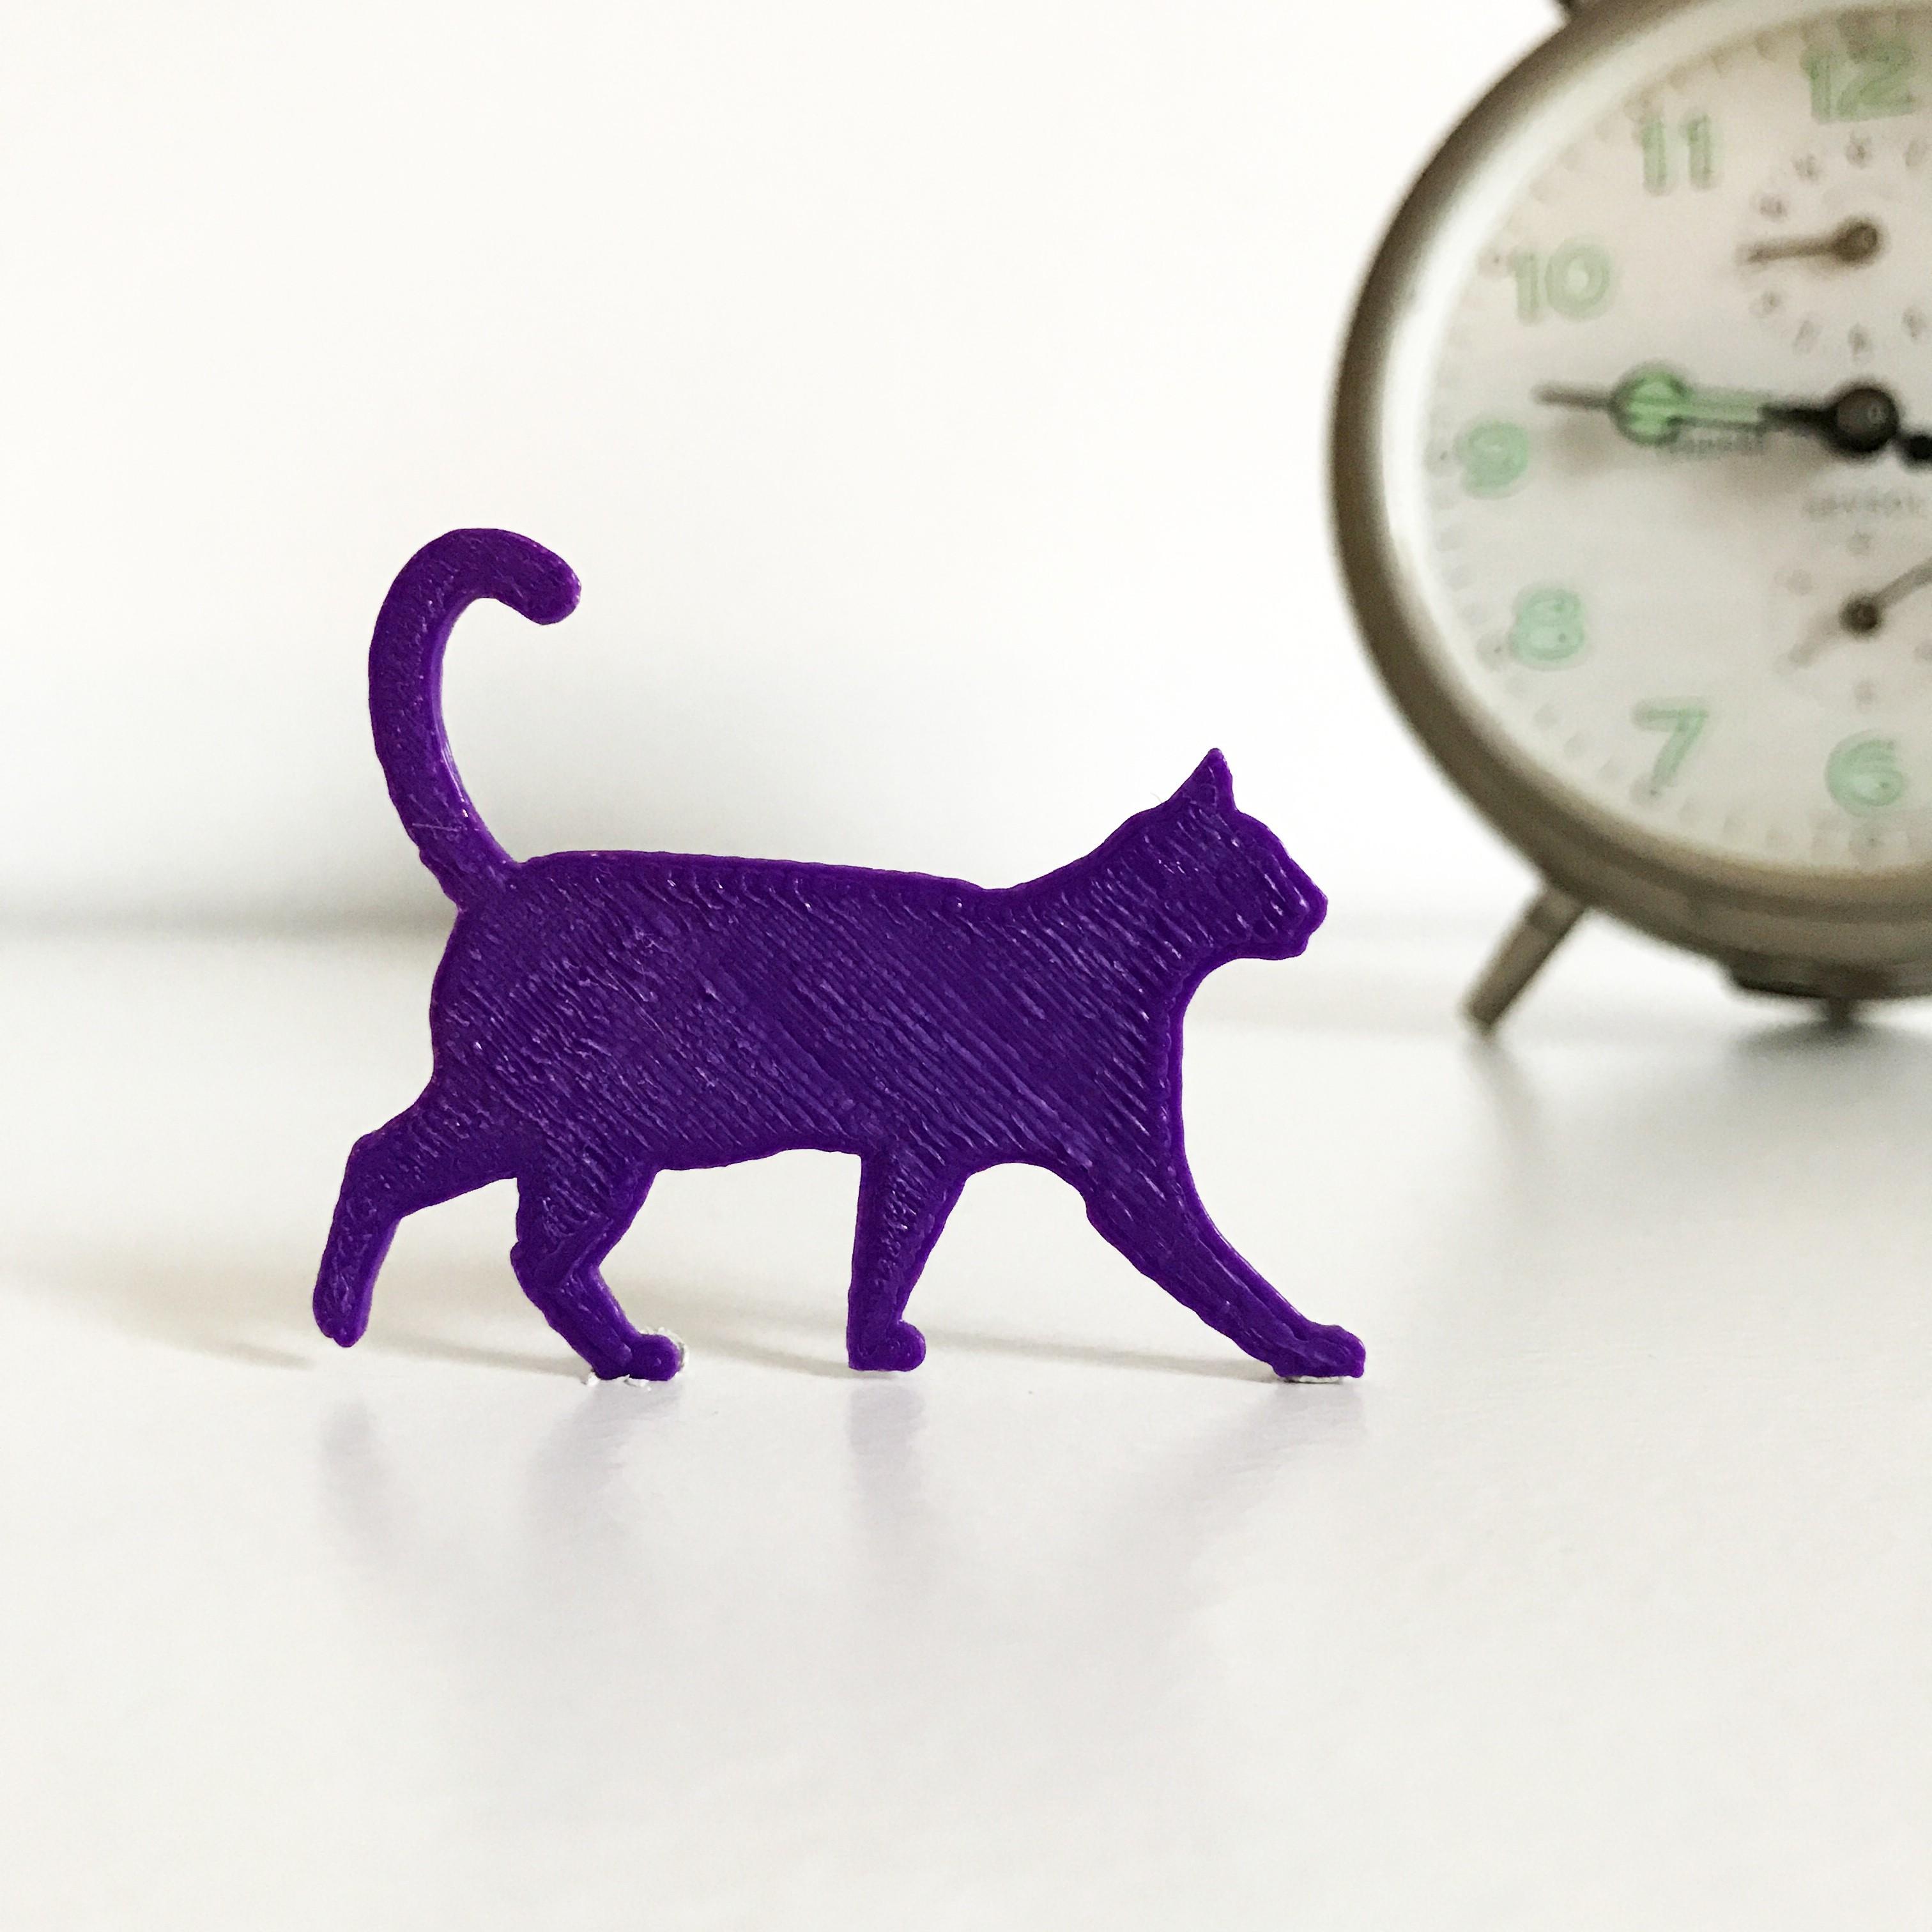 3.JPG Download free STL file Cat • 3D print model, Free-3D-Models